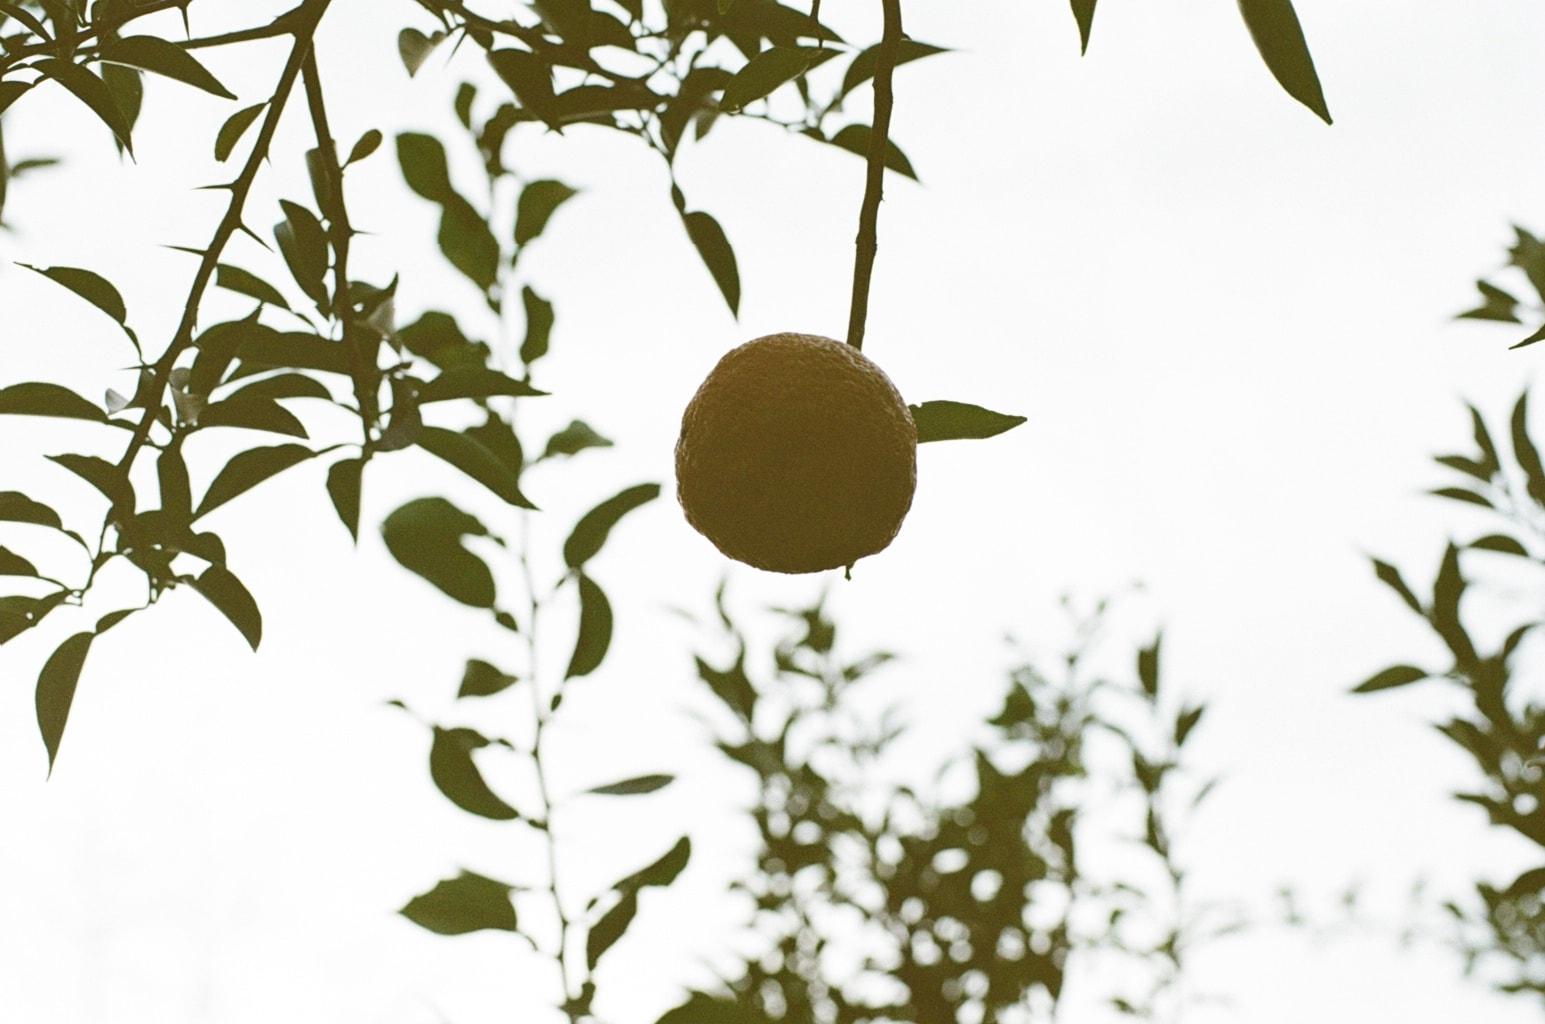 冬至イメージ。枝先に実る柚子